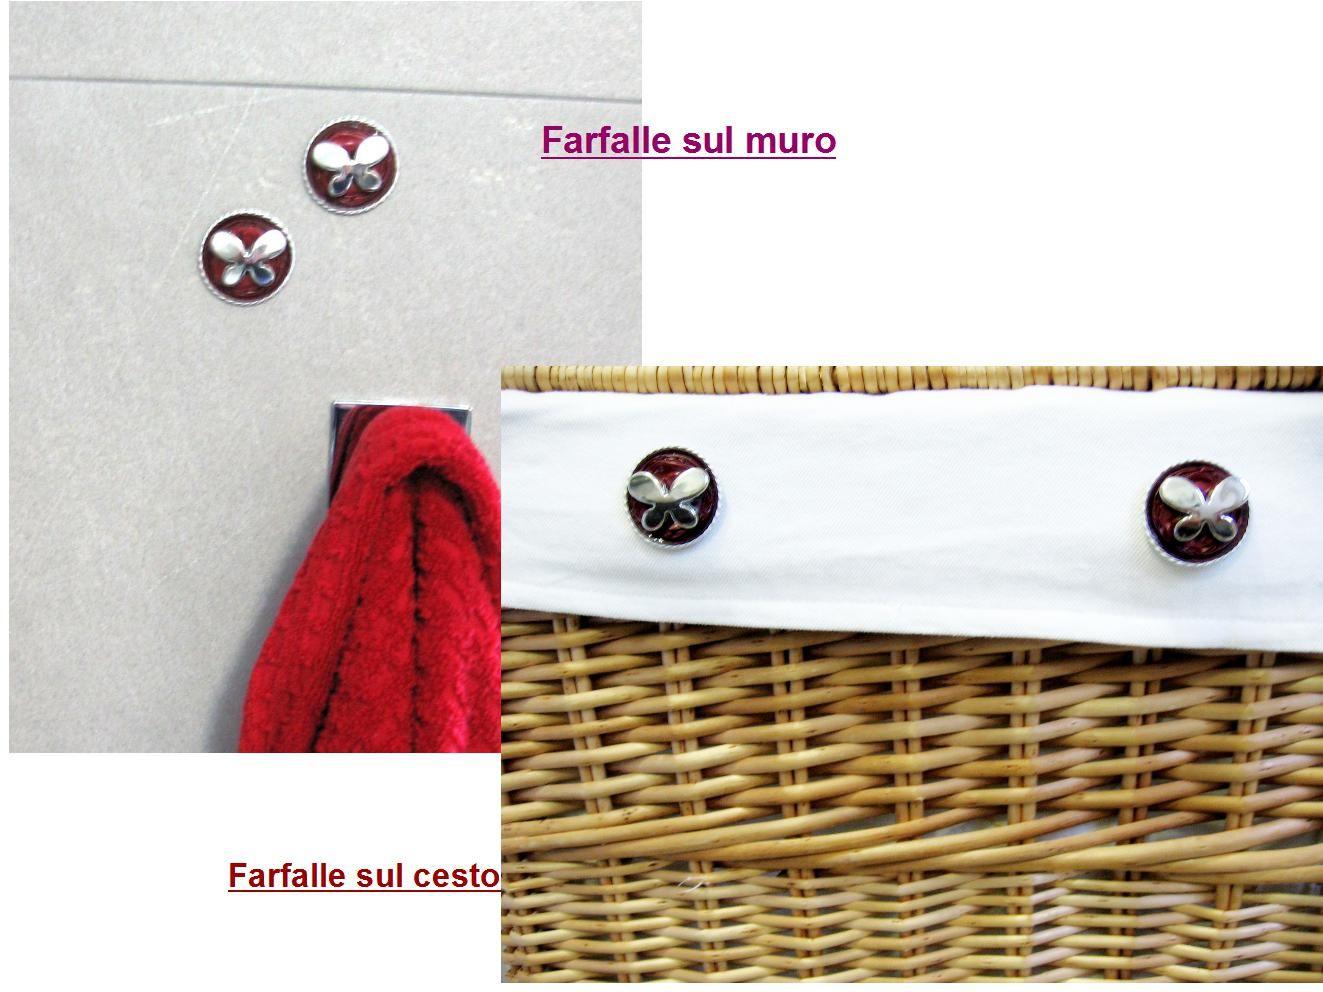 Riciclo di capsule di caffè in bagno : due farfalle sono su un